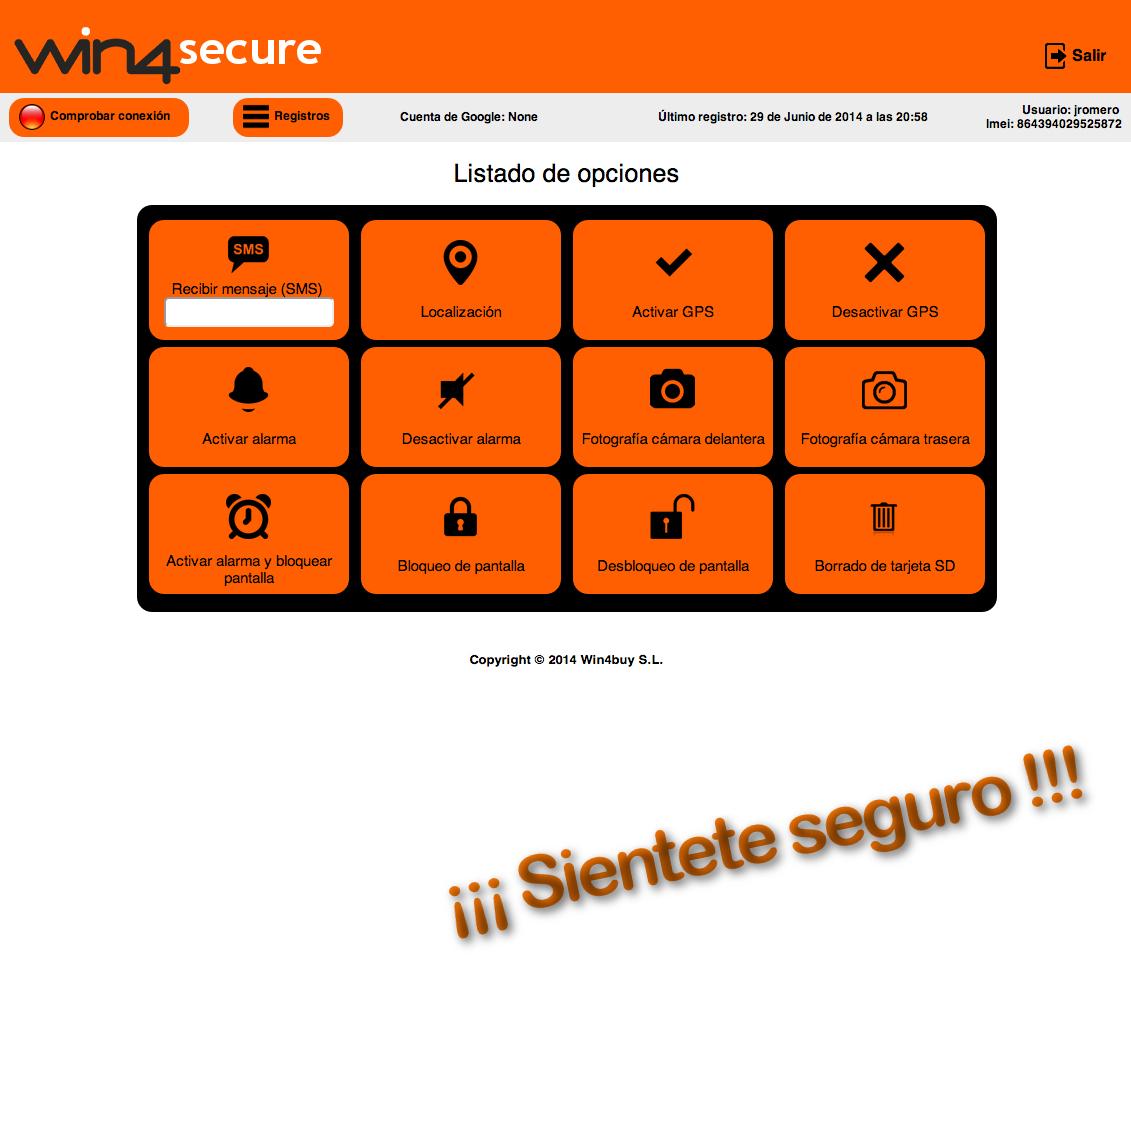 win4secure